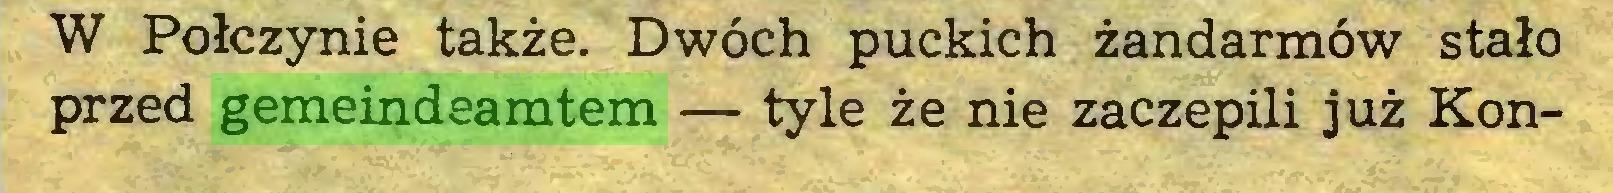 (...) W Połczynie także. Dwóch puckich żandarmów stało przed gemeindeamtem — tyle że nie zaczepili już Kon...